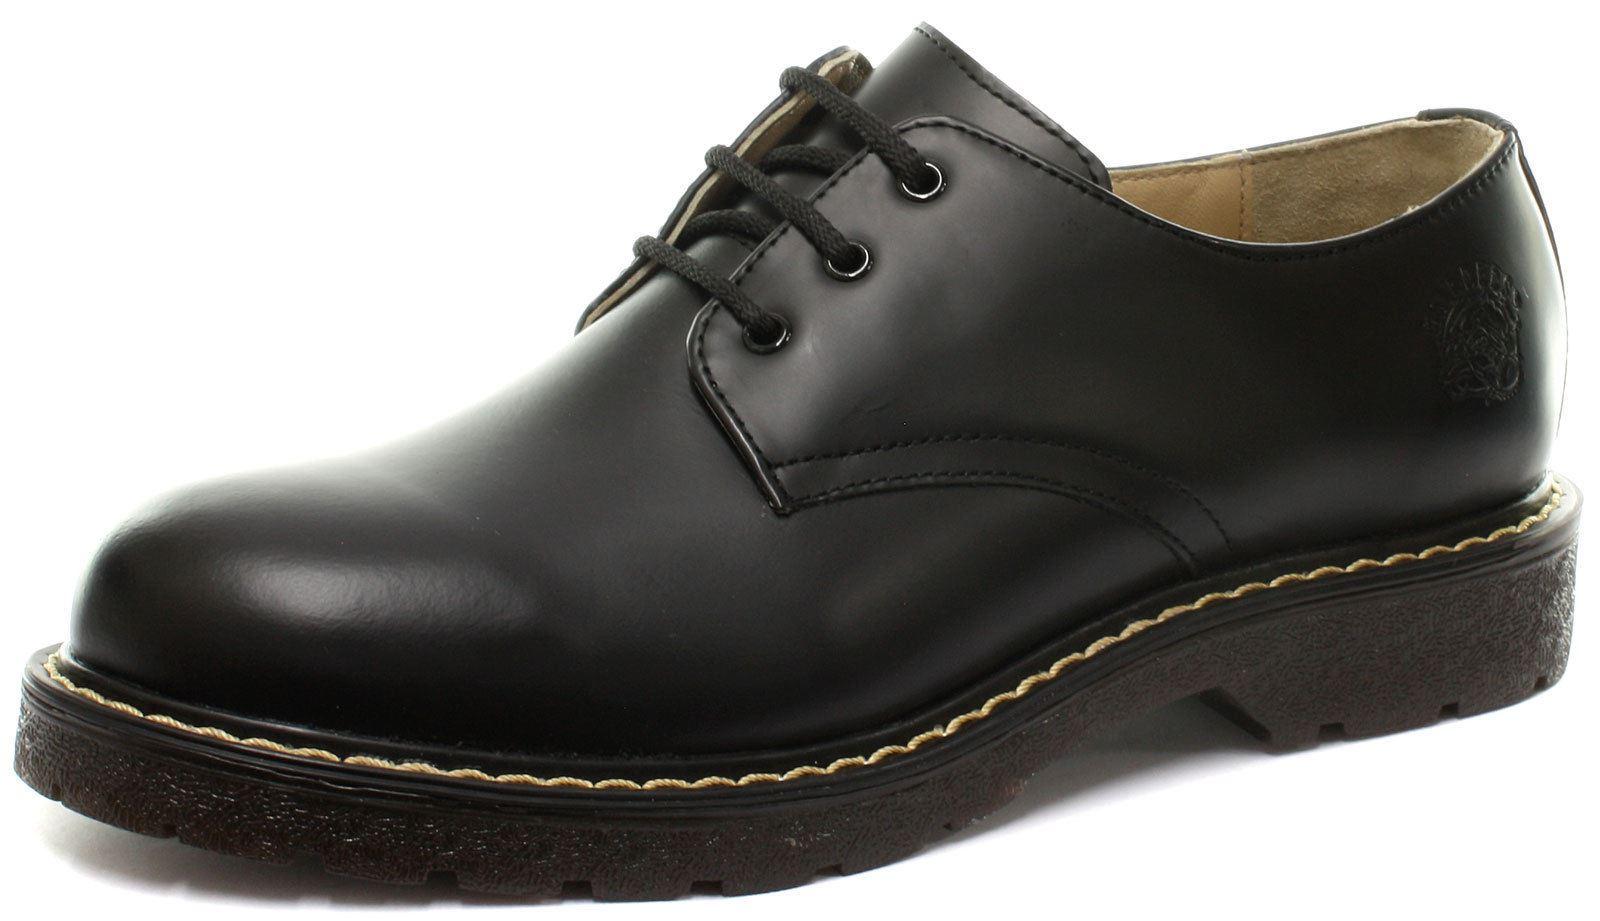 les chaussures de cuir noir à nouveau percival percival percival unisexes contre 3 oeillets capuchon en acier | Les Produits Sont Vendus Sans Prescription Mode Et Forfaits Attractifs  ef5a73